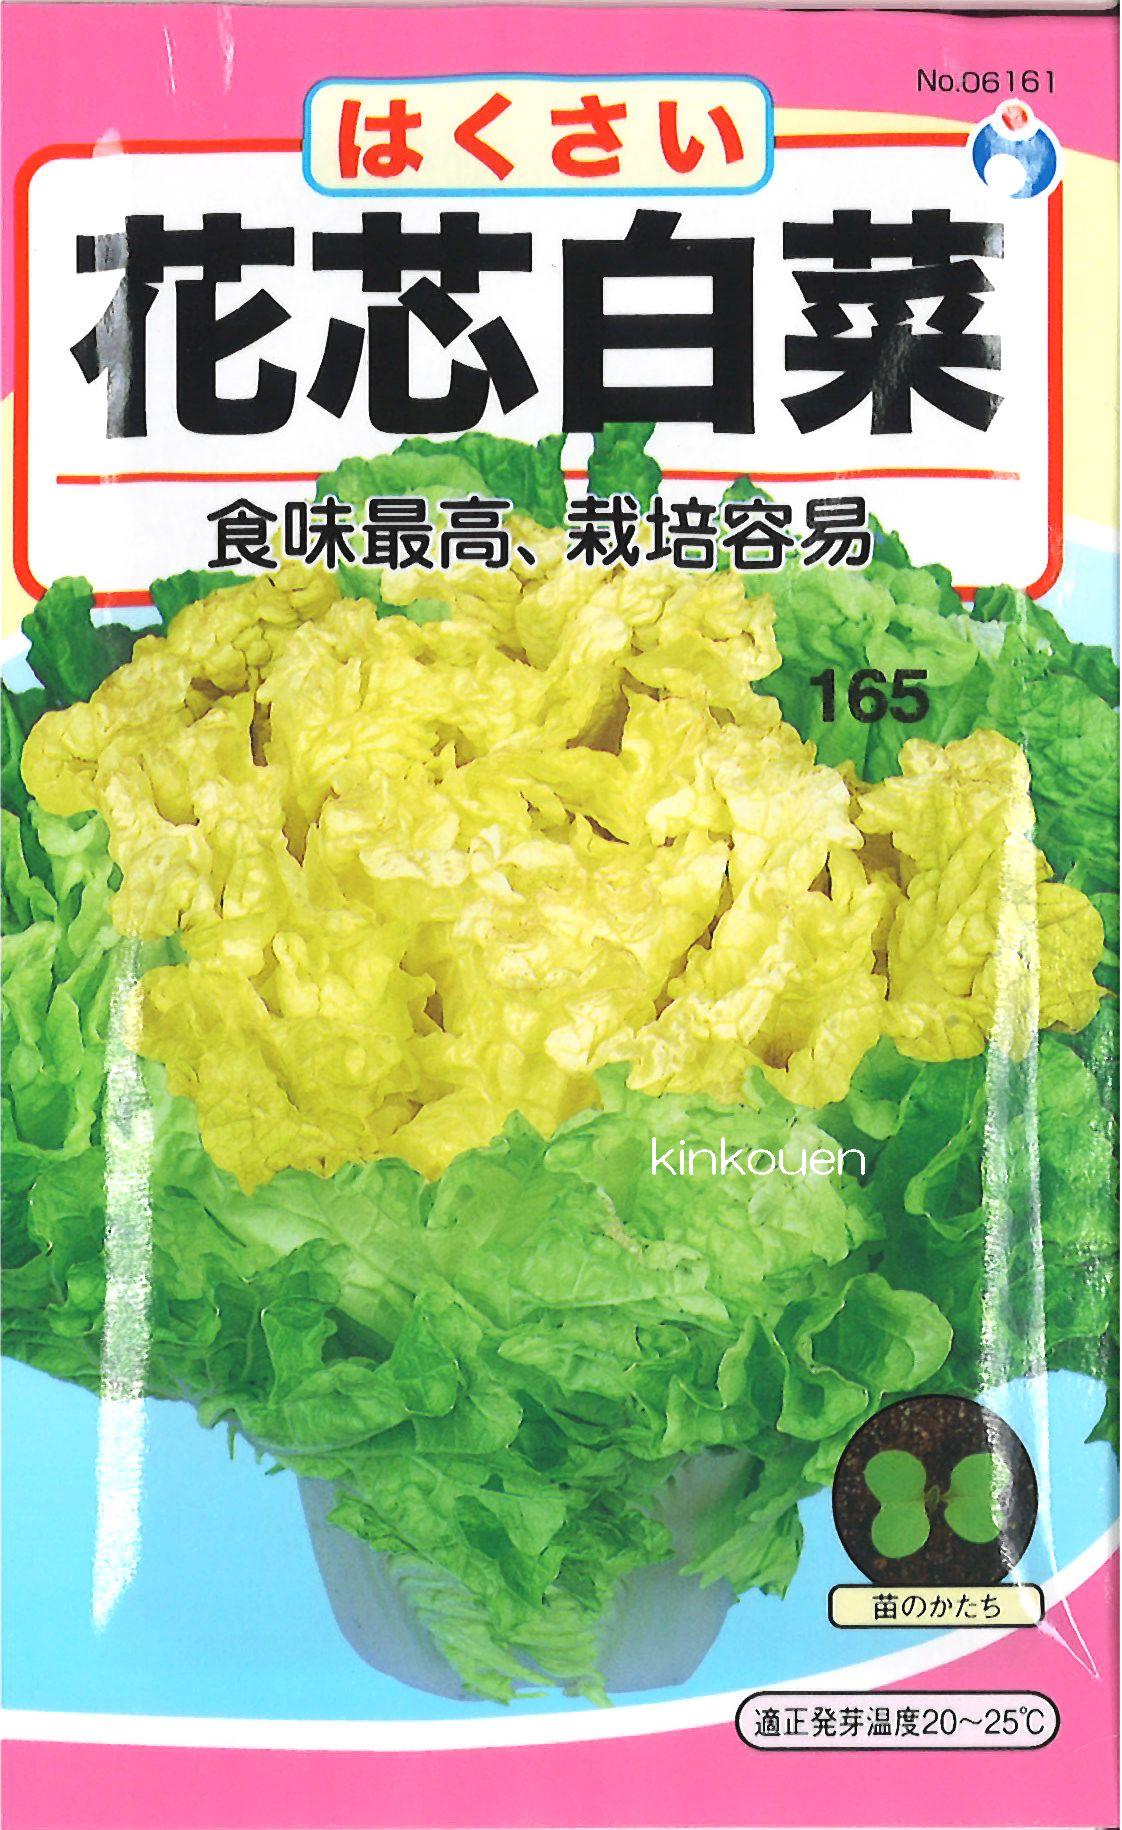 【代引不可】【5袋まで送料80円】 □ ハクサイ 花芯白菜